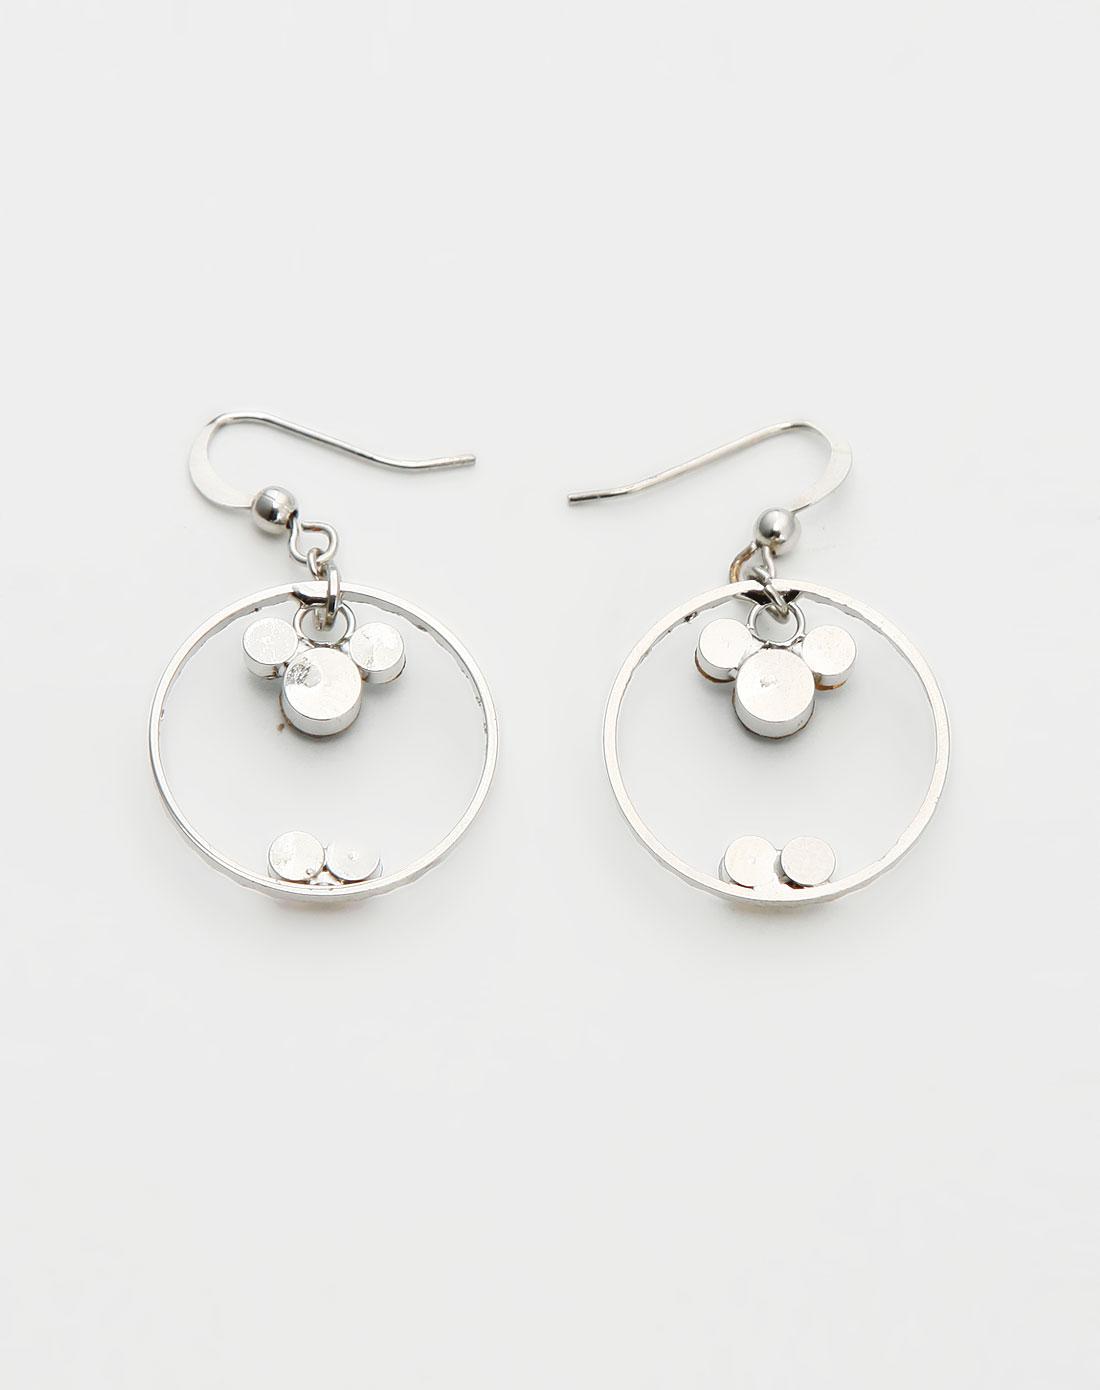 威妮华viennois-银色圆环吊坠耳环